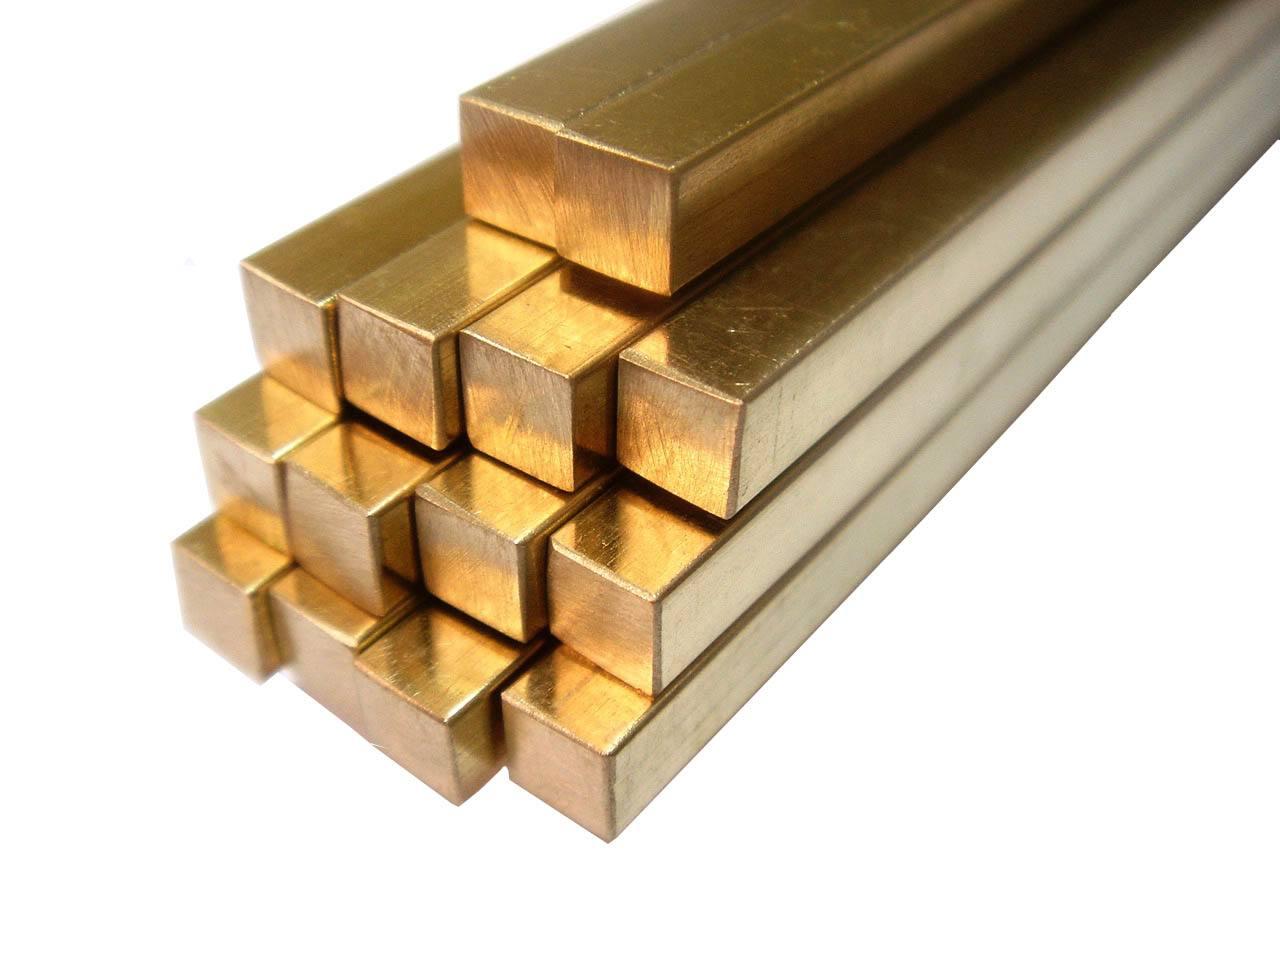 基本金属领涨期市:沪锌涨近4% 沪铜涨近2%